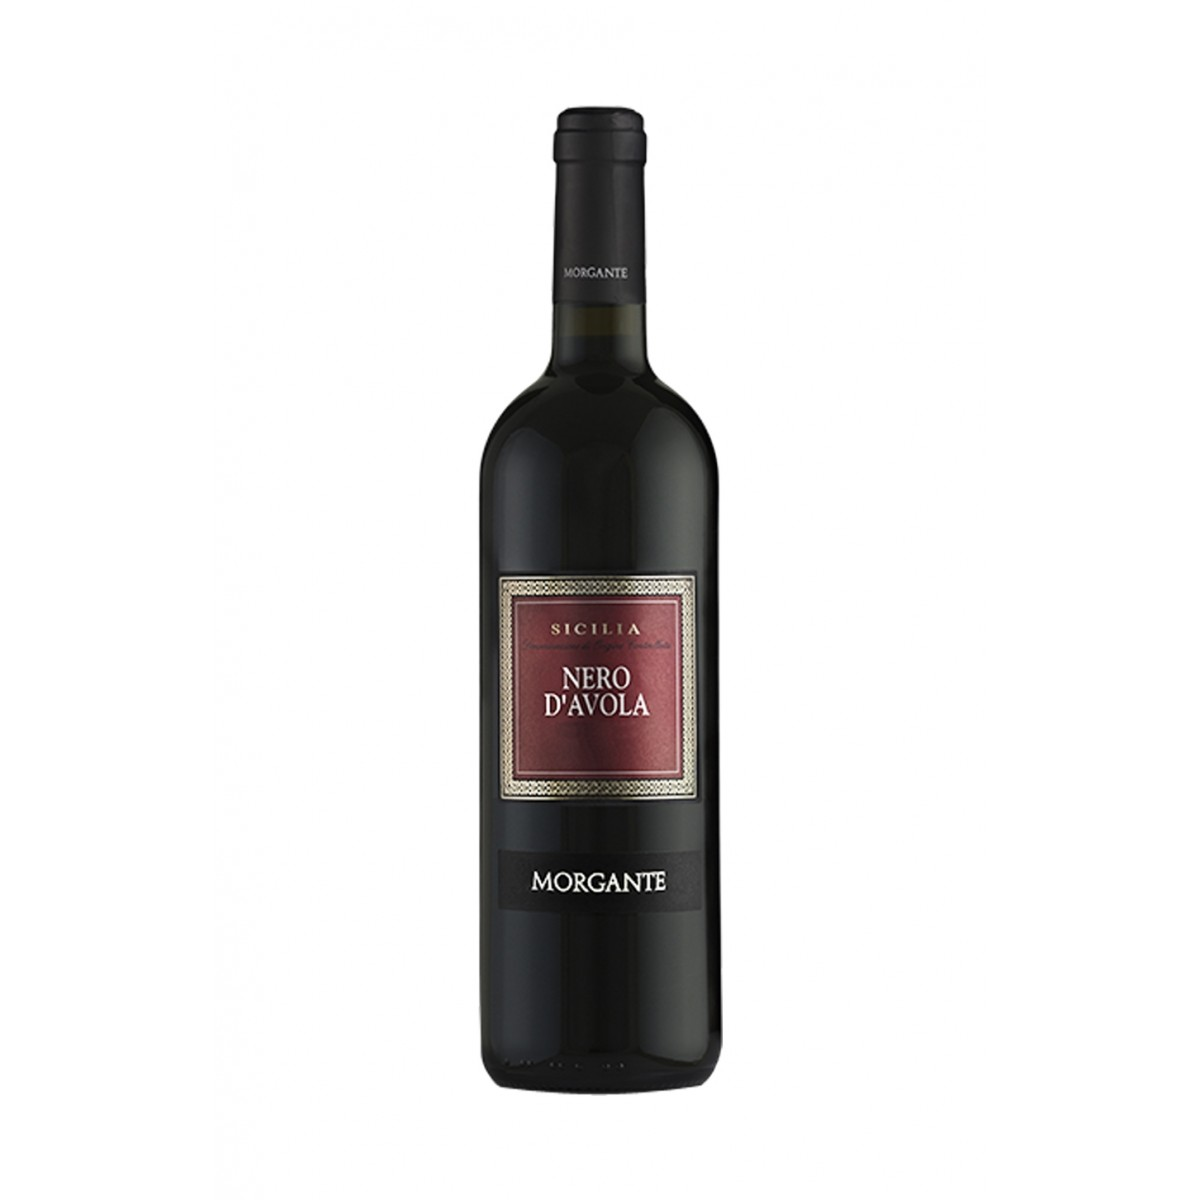 Nero d'Avola 2015 - Morgante